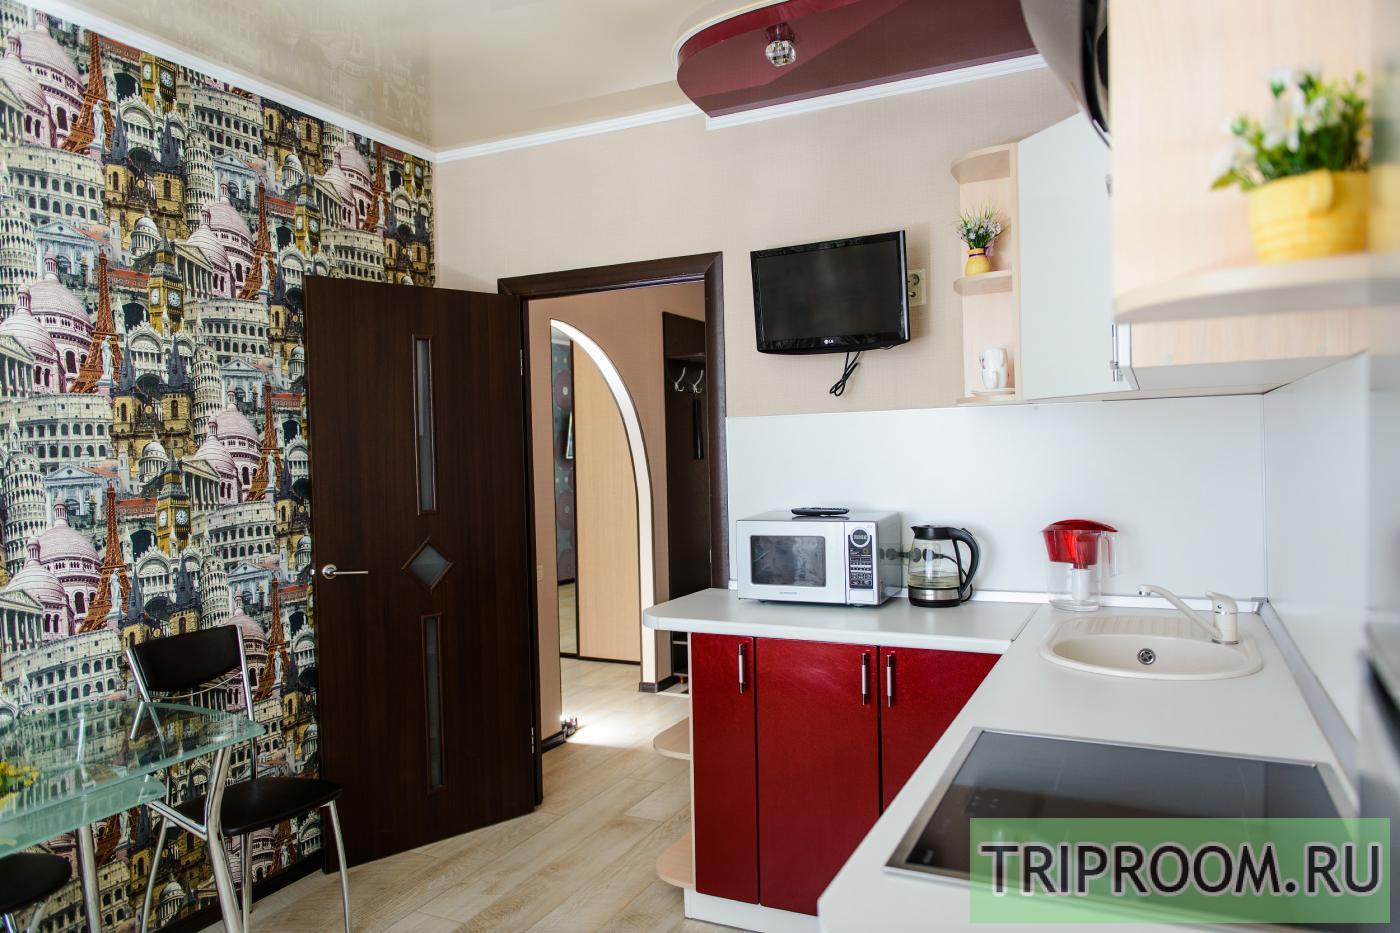 1-комнатная квартира посуточно (вариант № 12401), ул. Карла Маркса улица, фото № 2